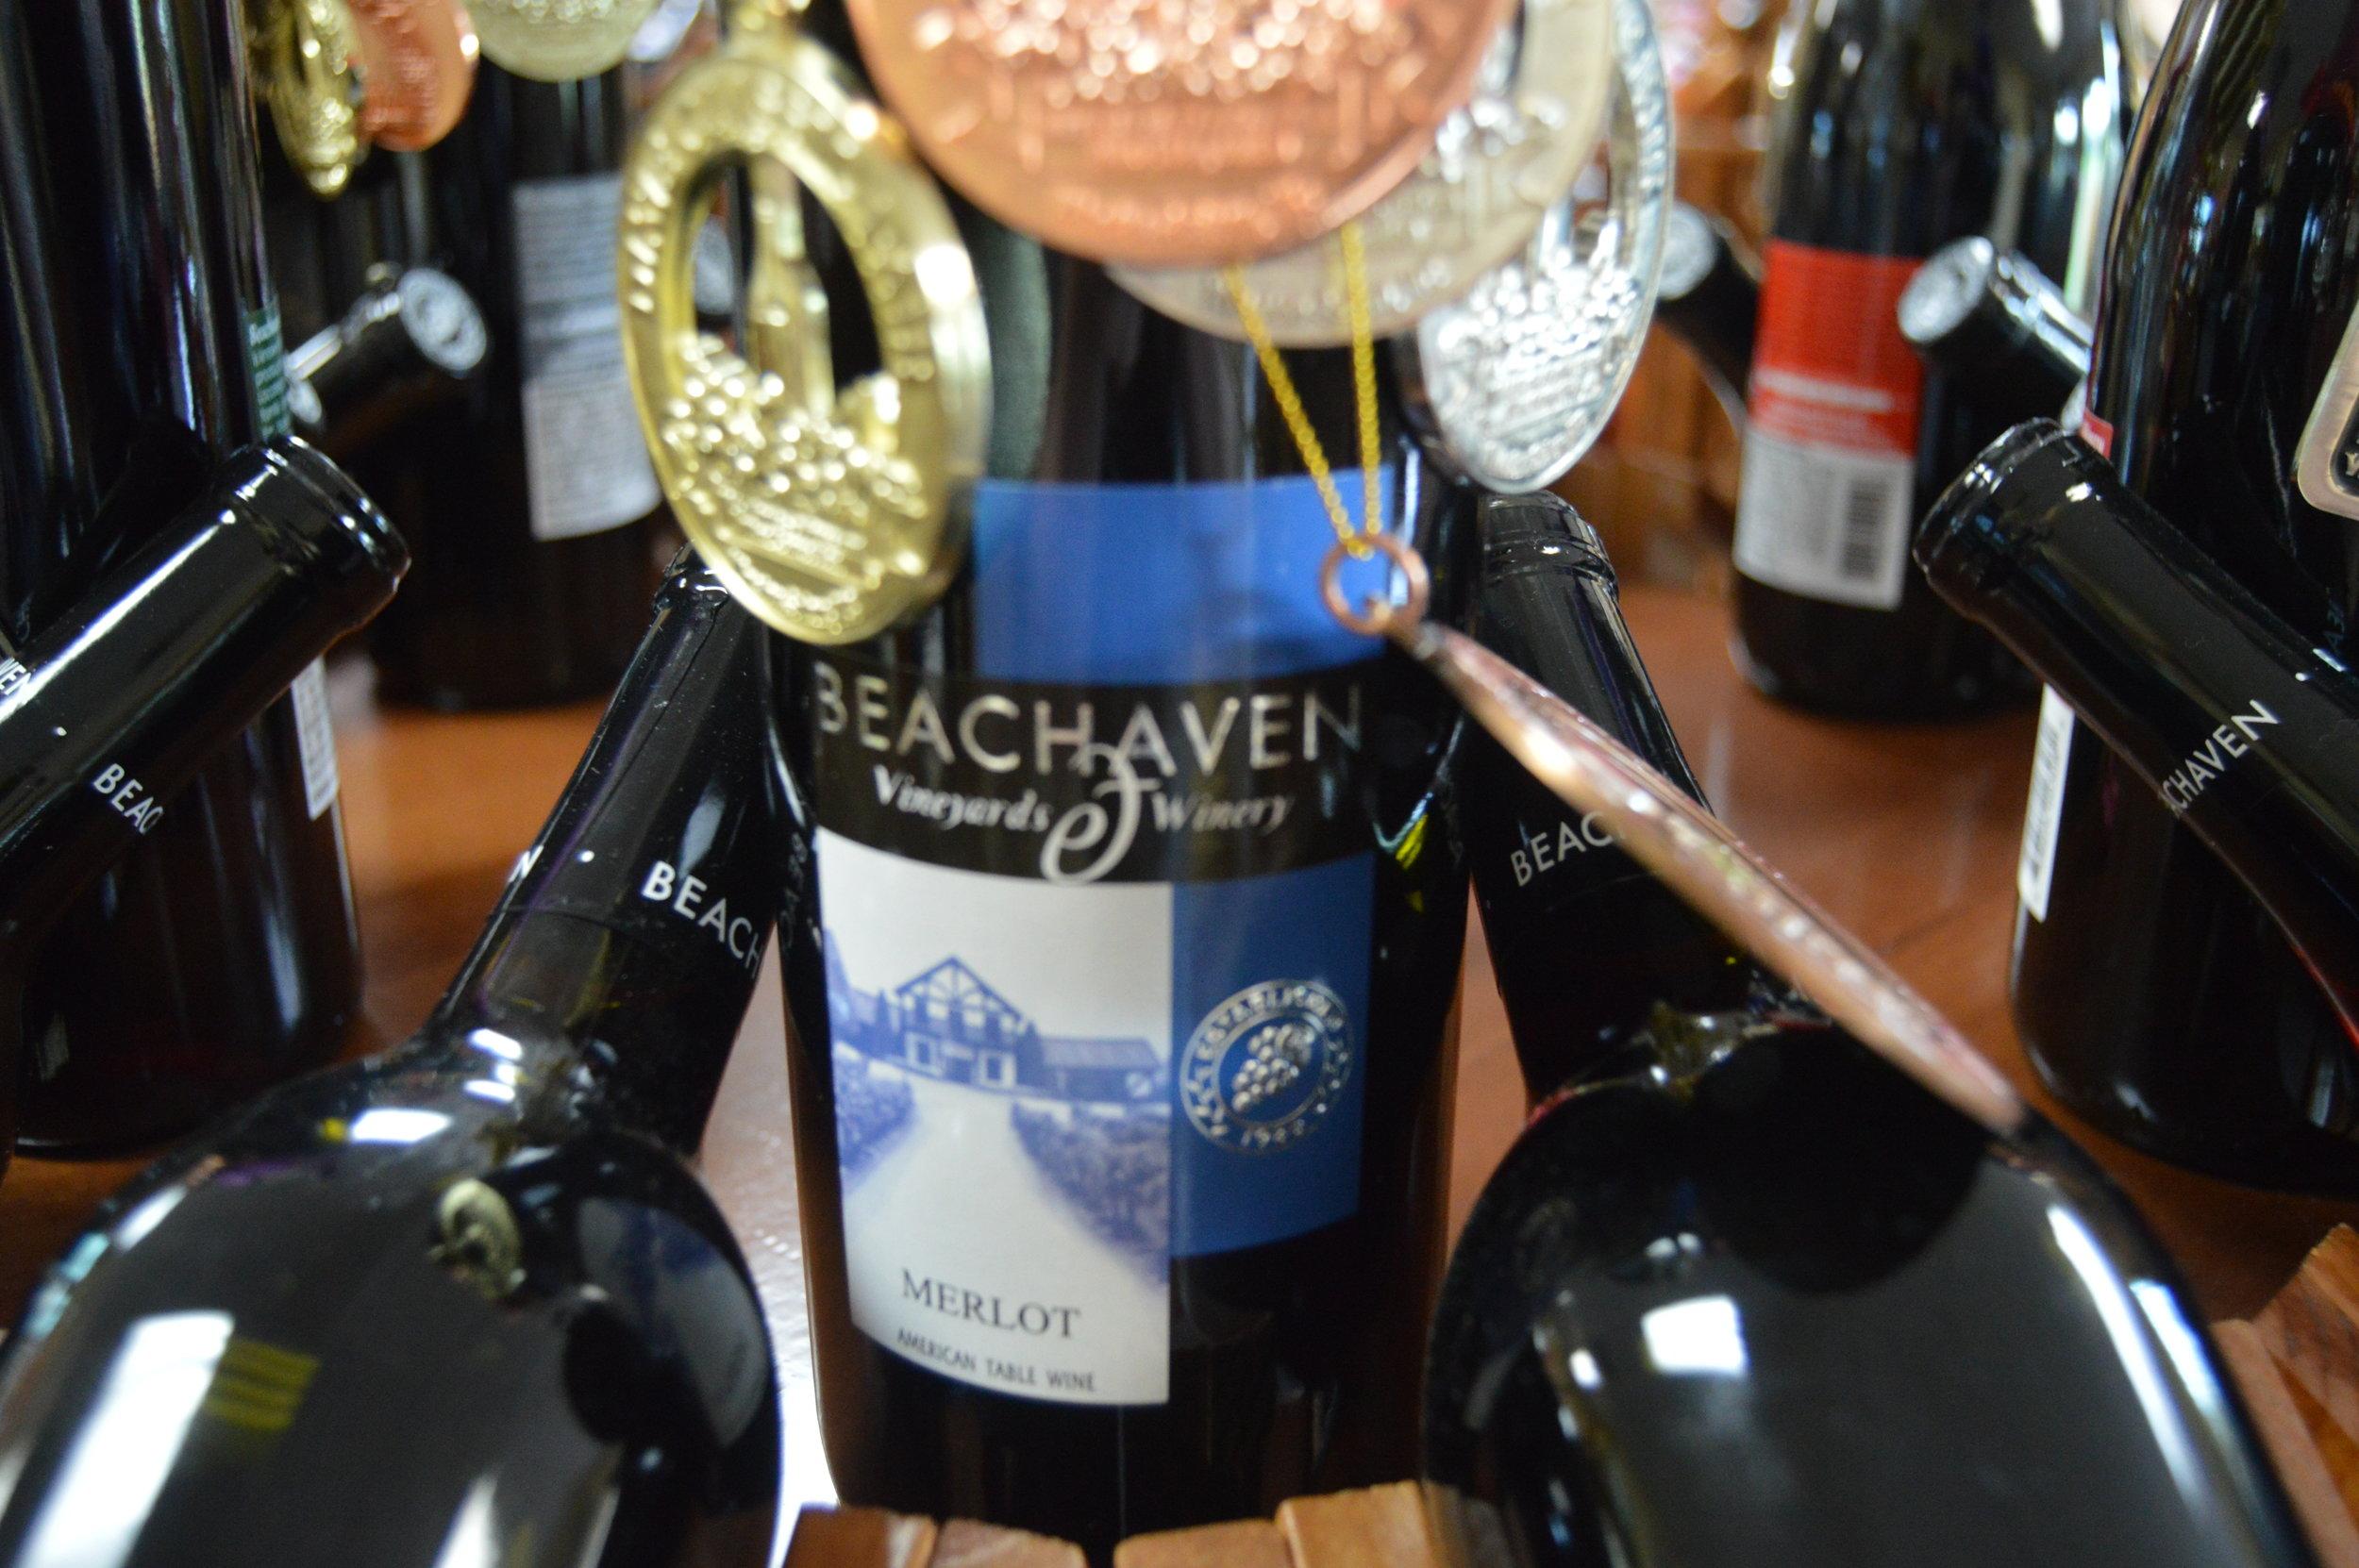 Beachaven Wine Awards